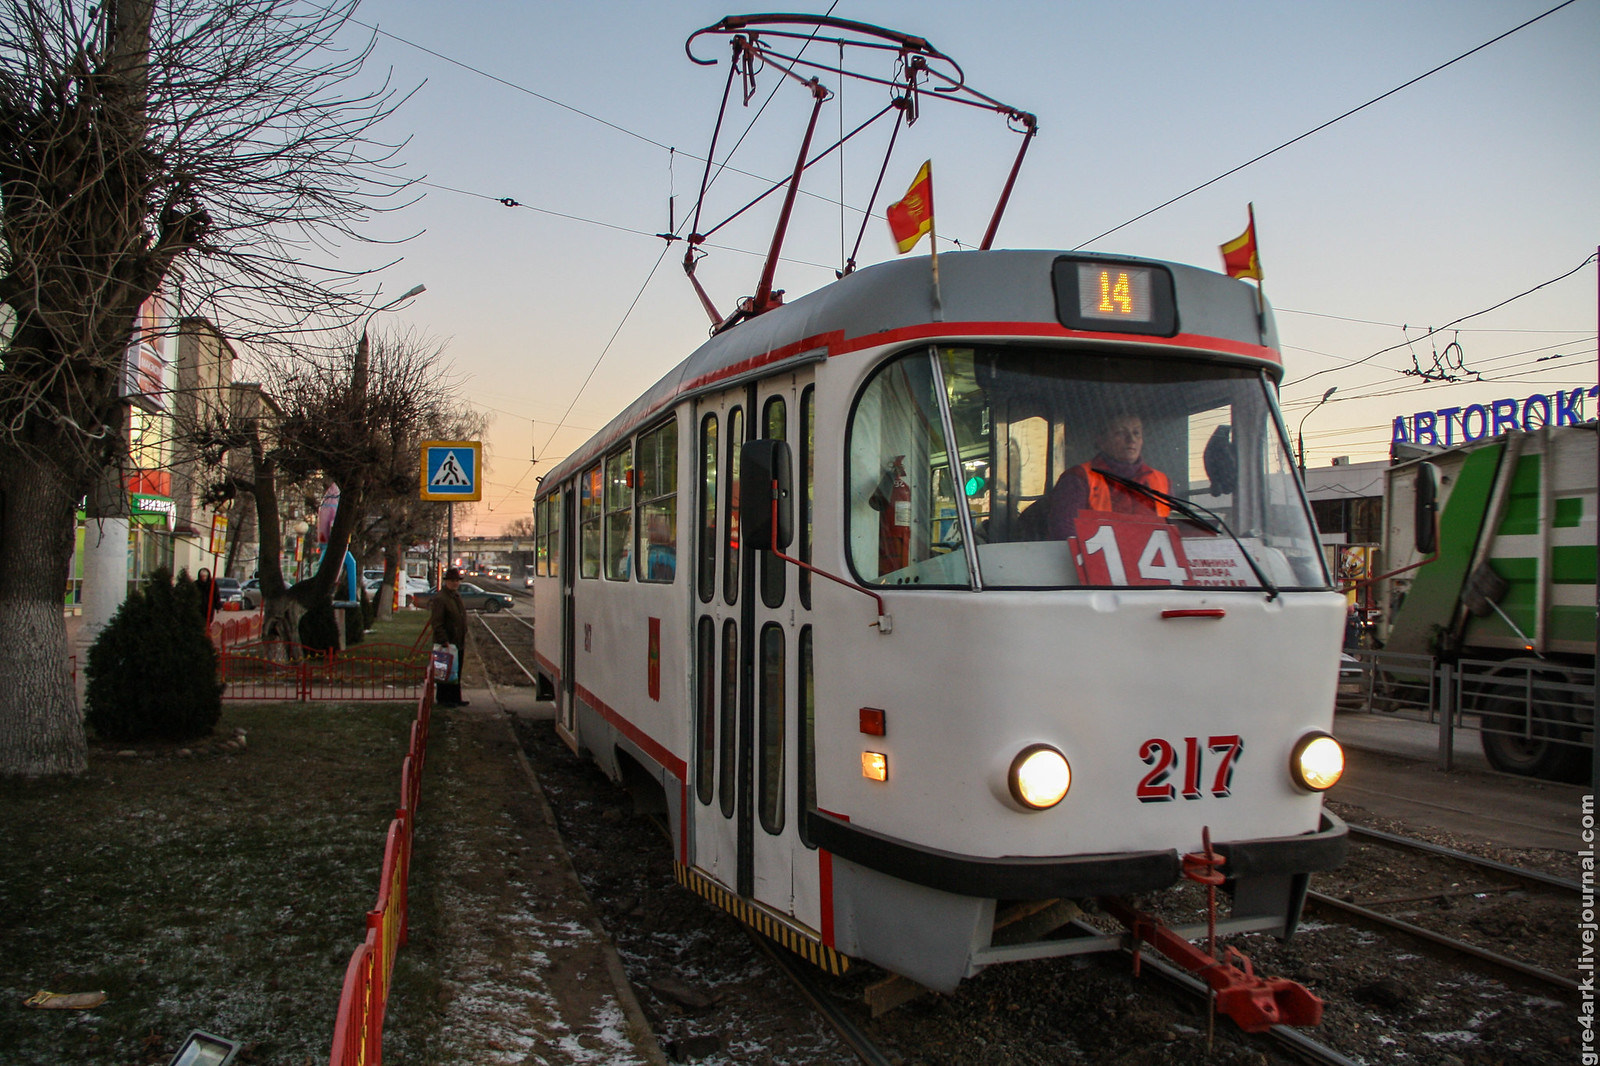 Будущее тверского трамвая (спойлер: опять всё плохо)